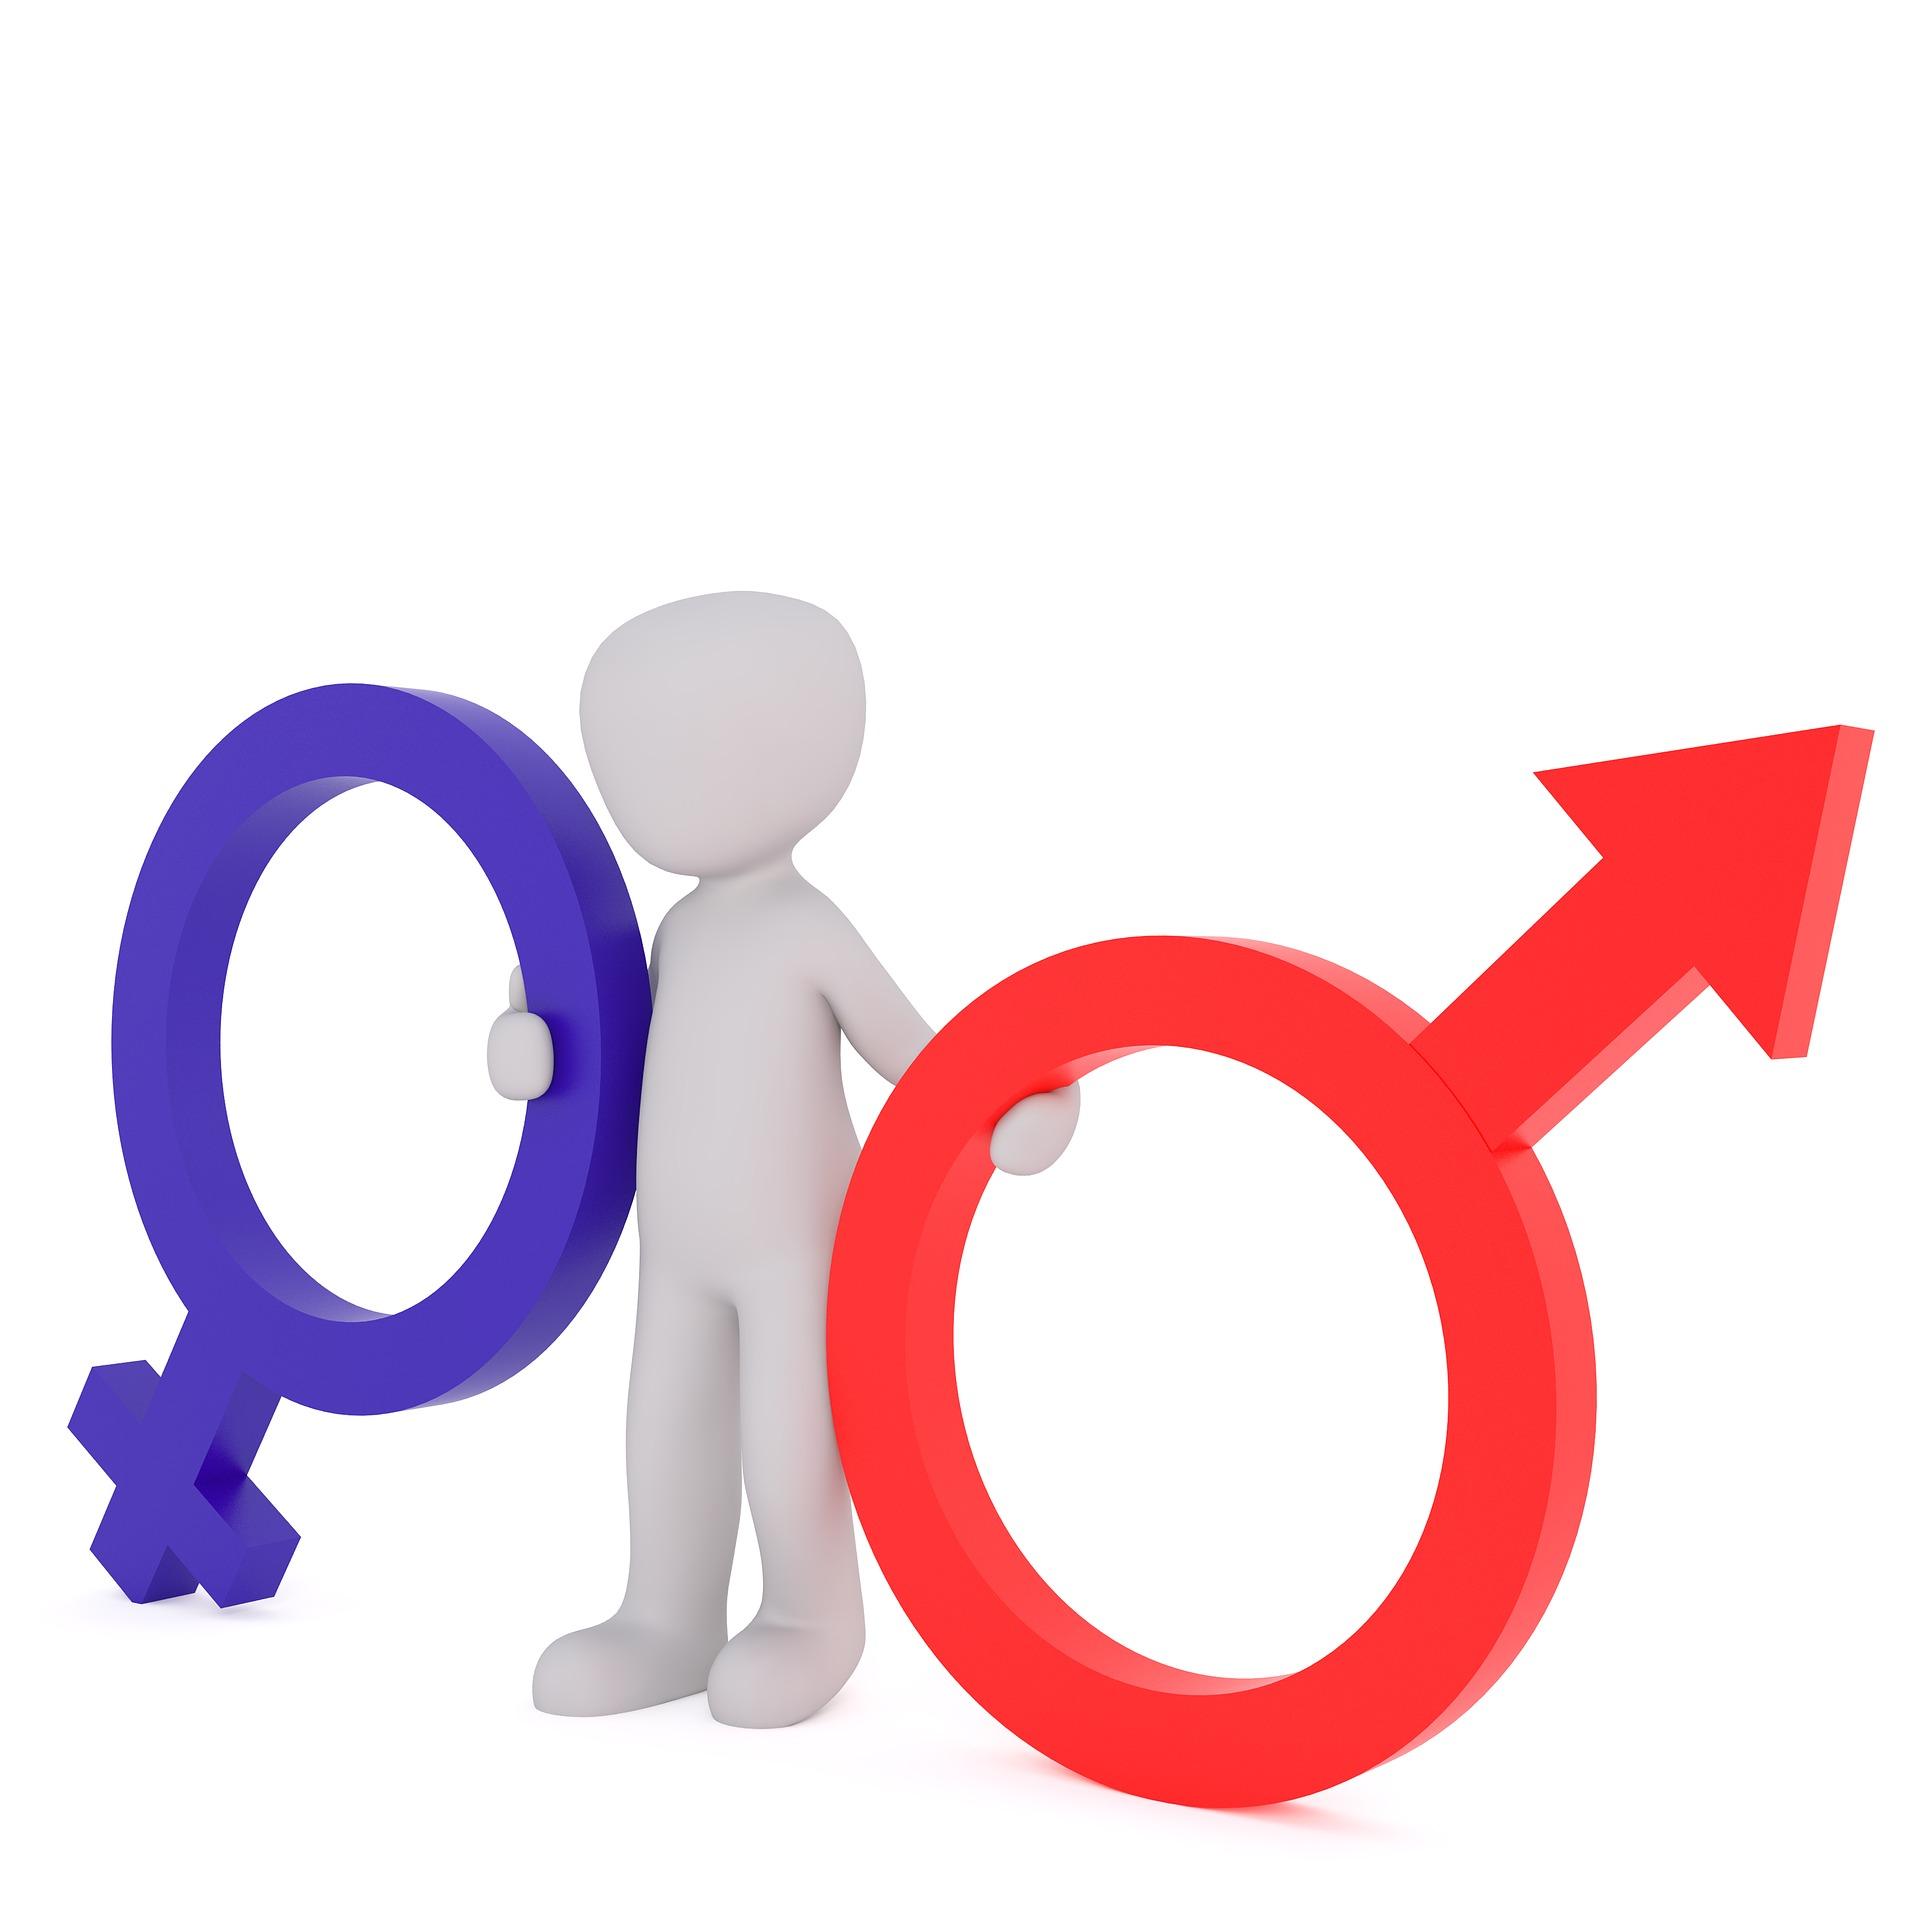 Równouprawnienie – kulturalna walka?